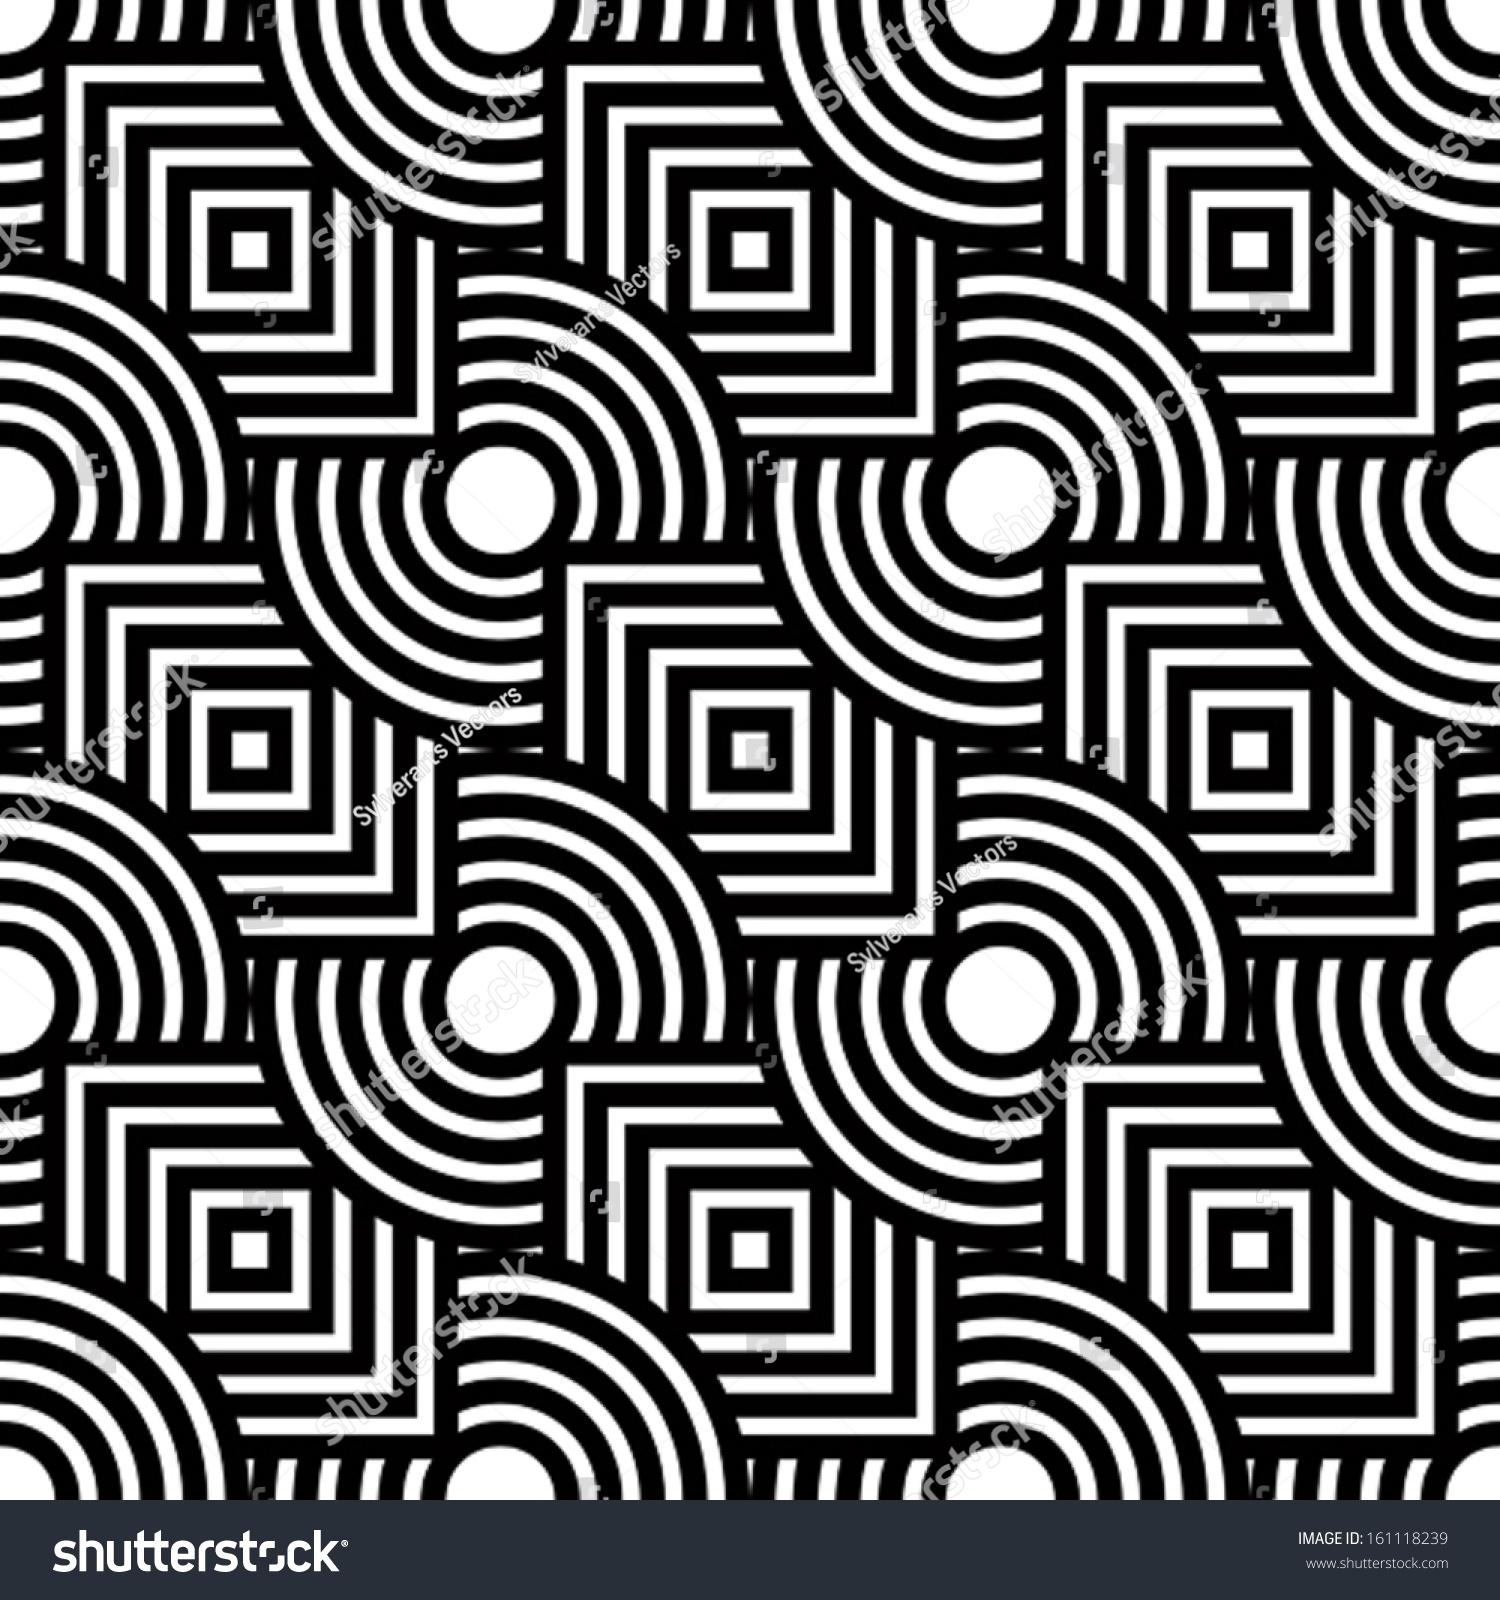 无缝的几何图案,简单向量黑白条纹背景,准确,可编辑和